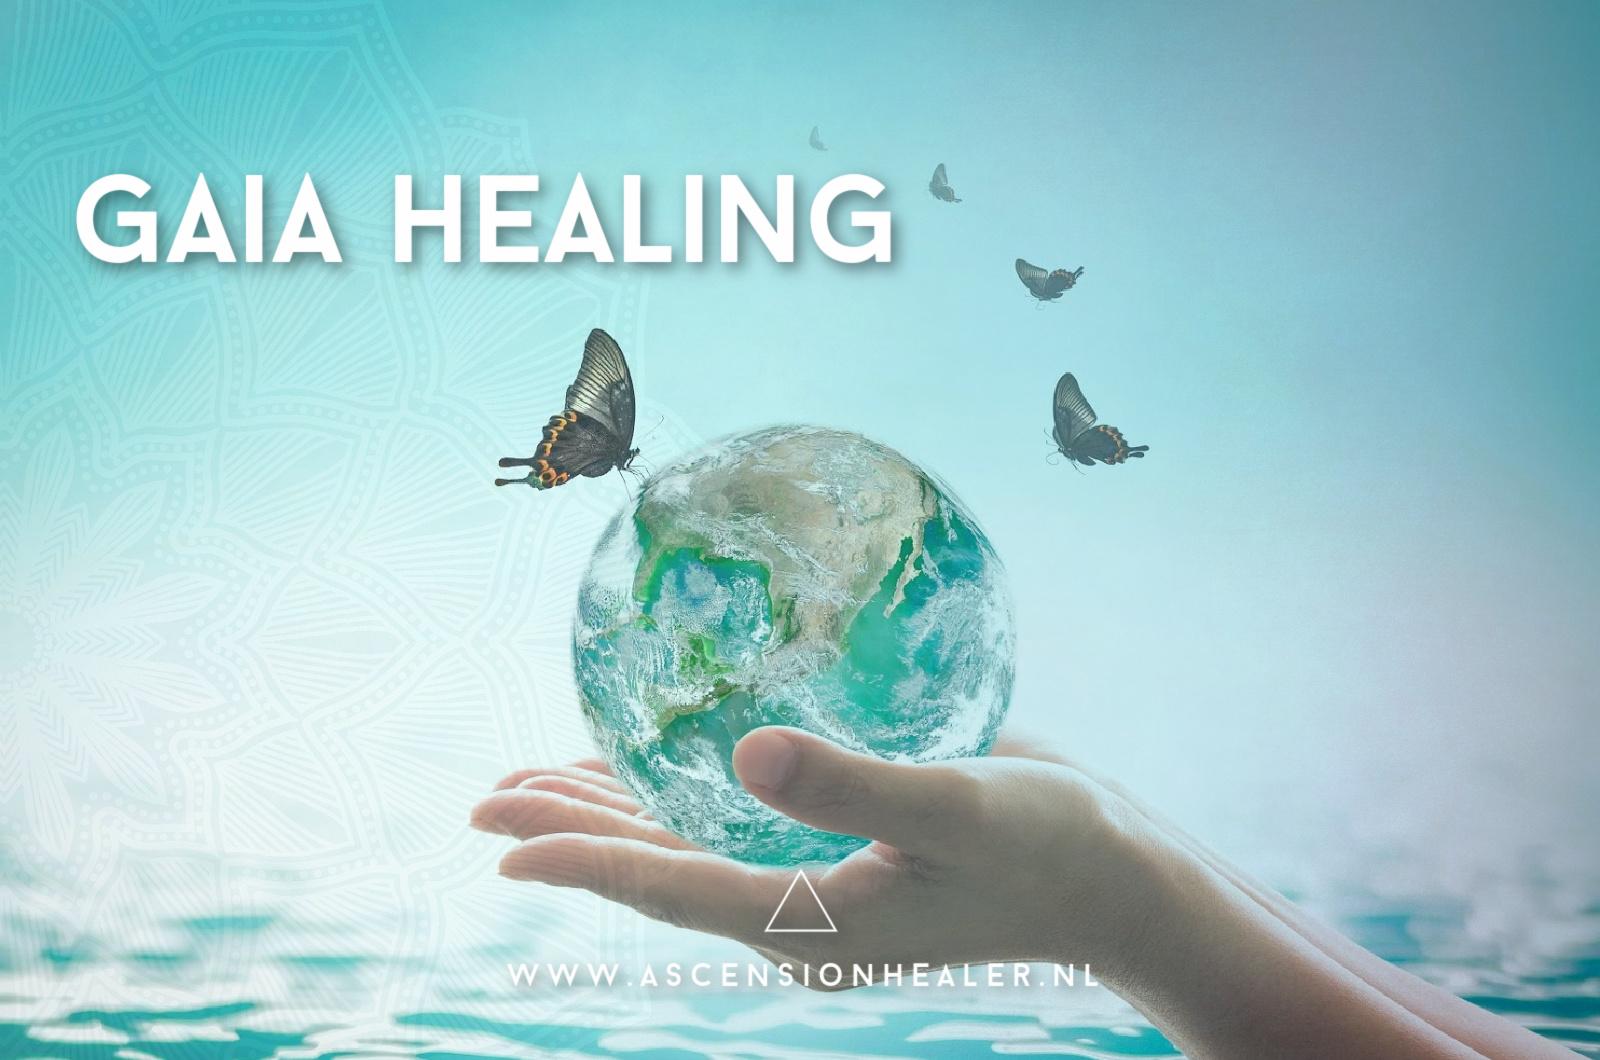 Gaia Healing